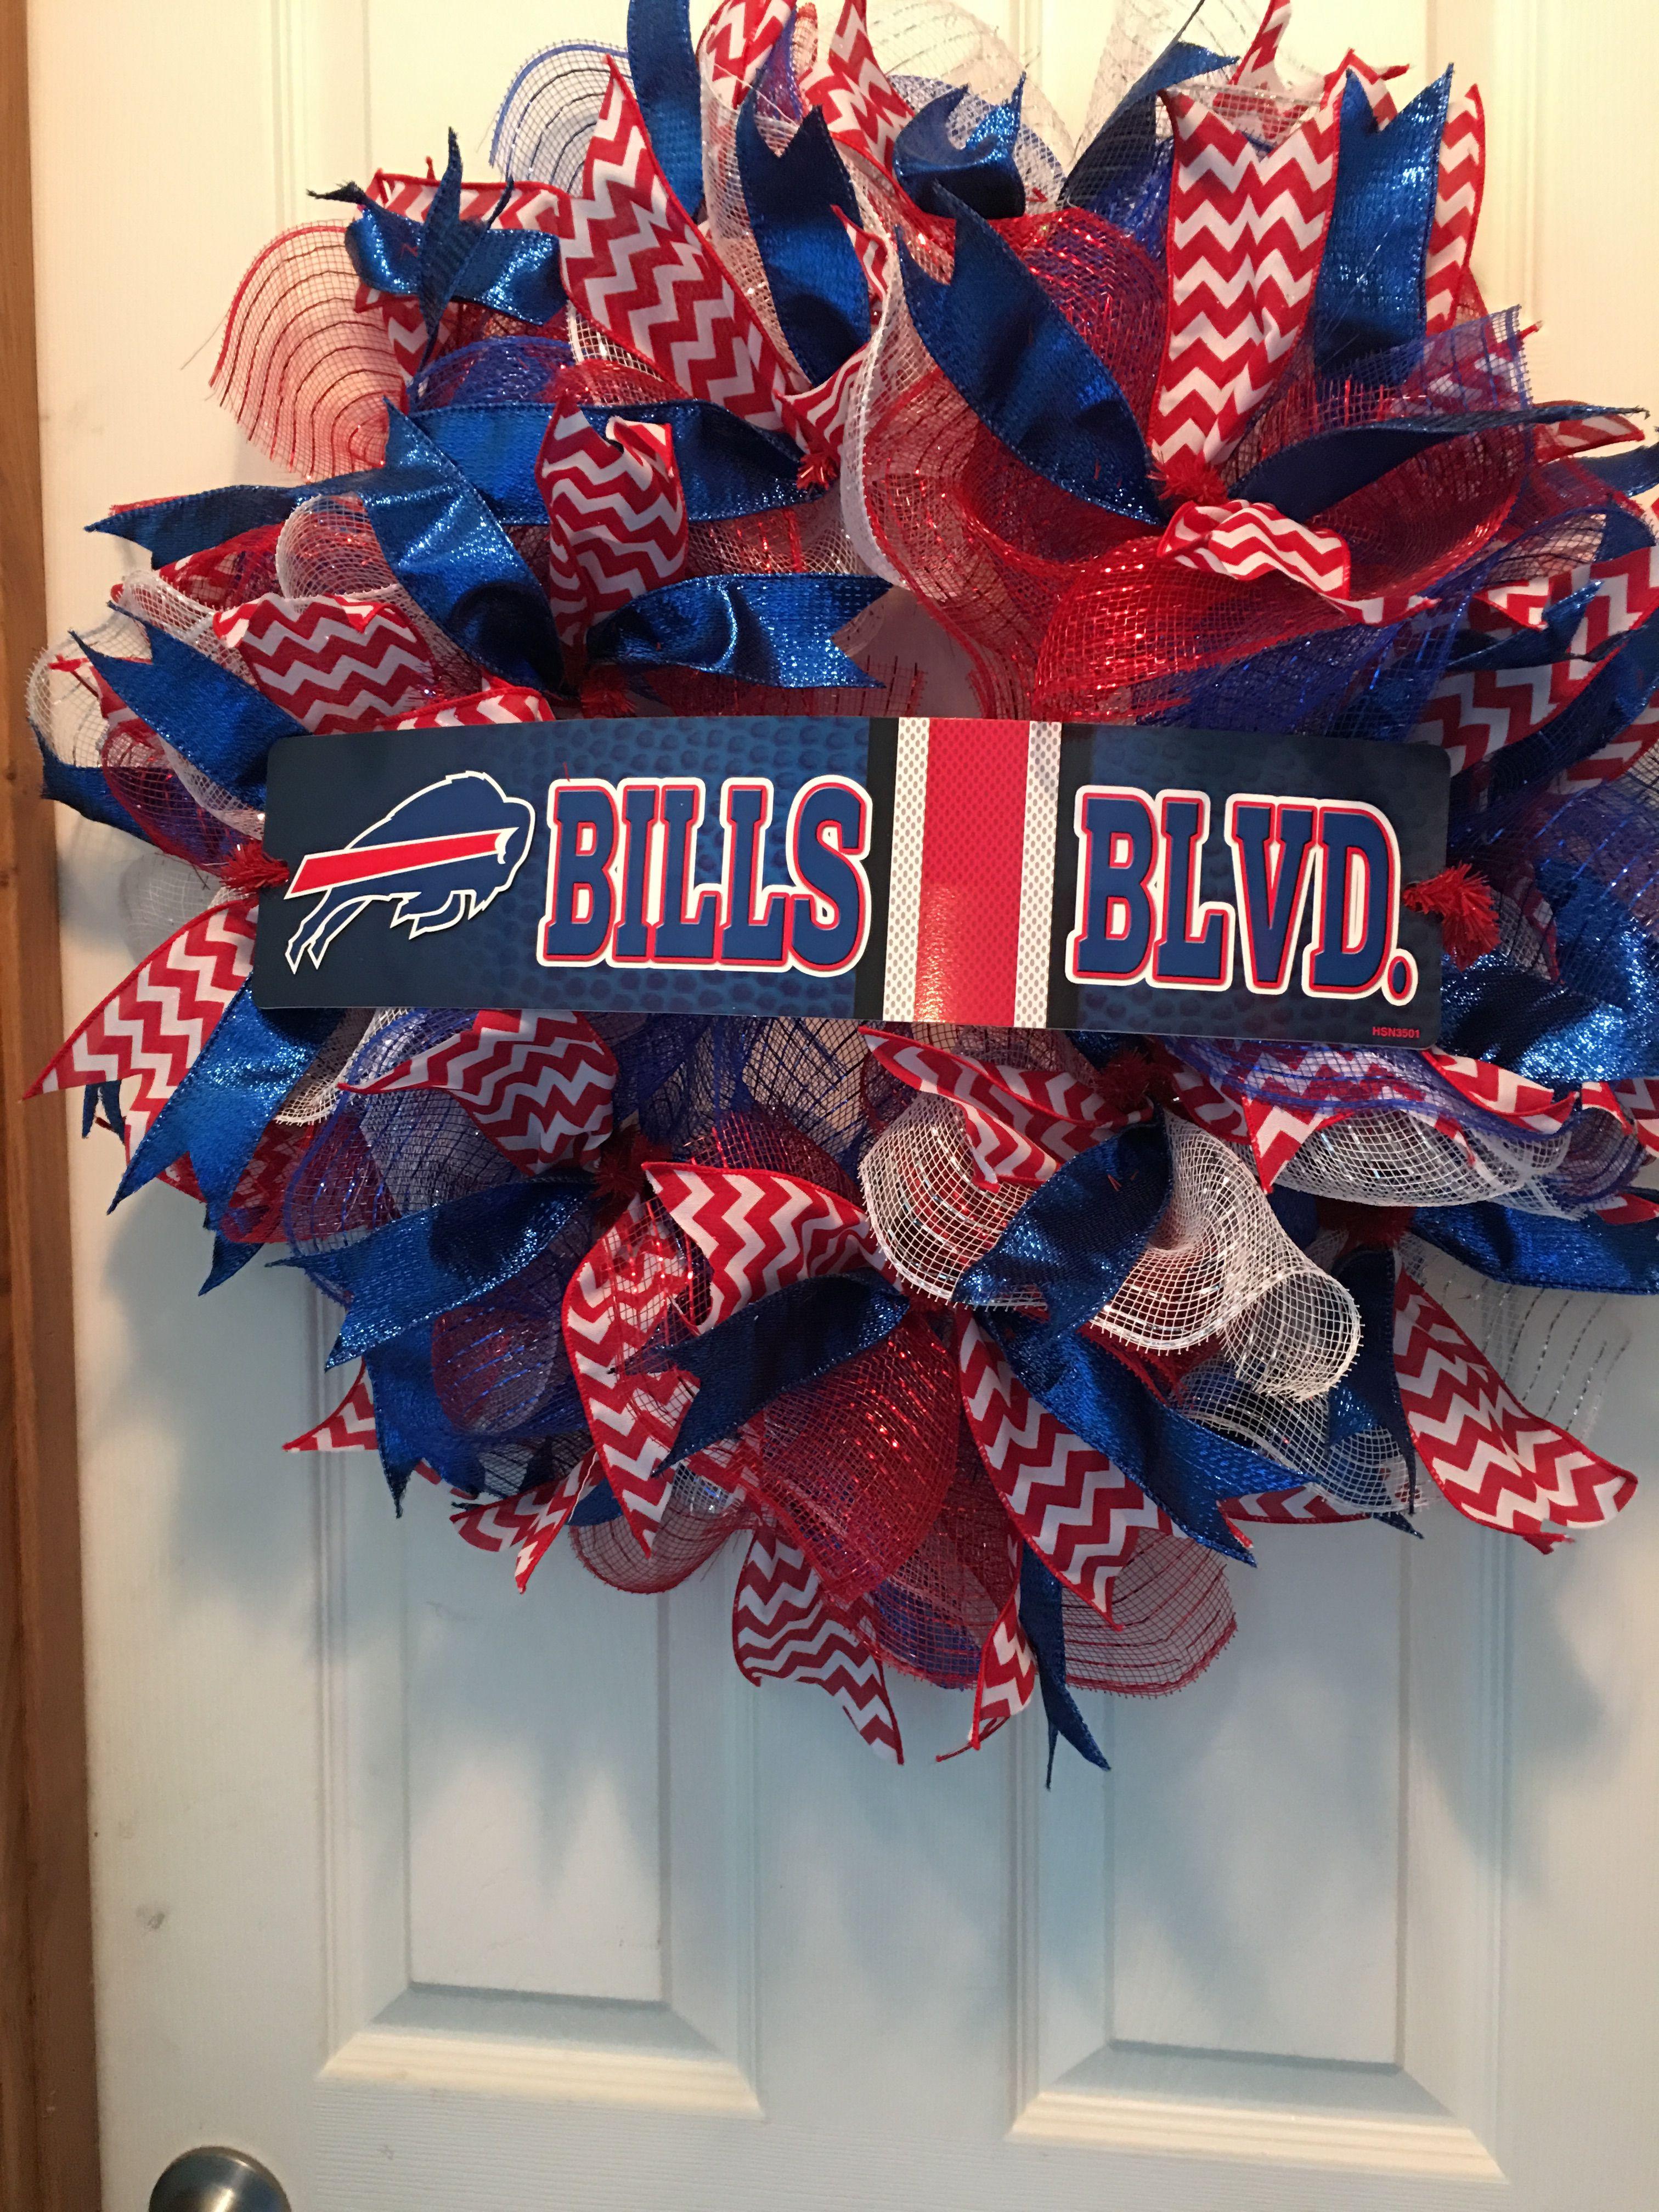 2631eb03 Buffalo Bills Wreath | Wreaths - NFL - Pro Football Wreaths & Door ...